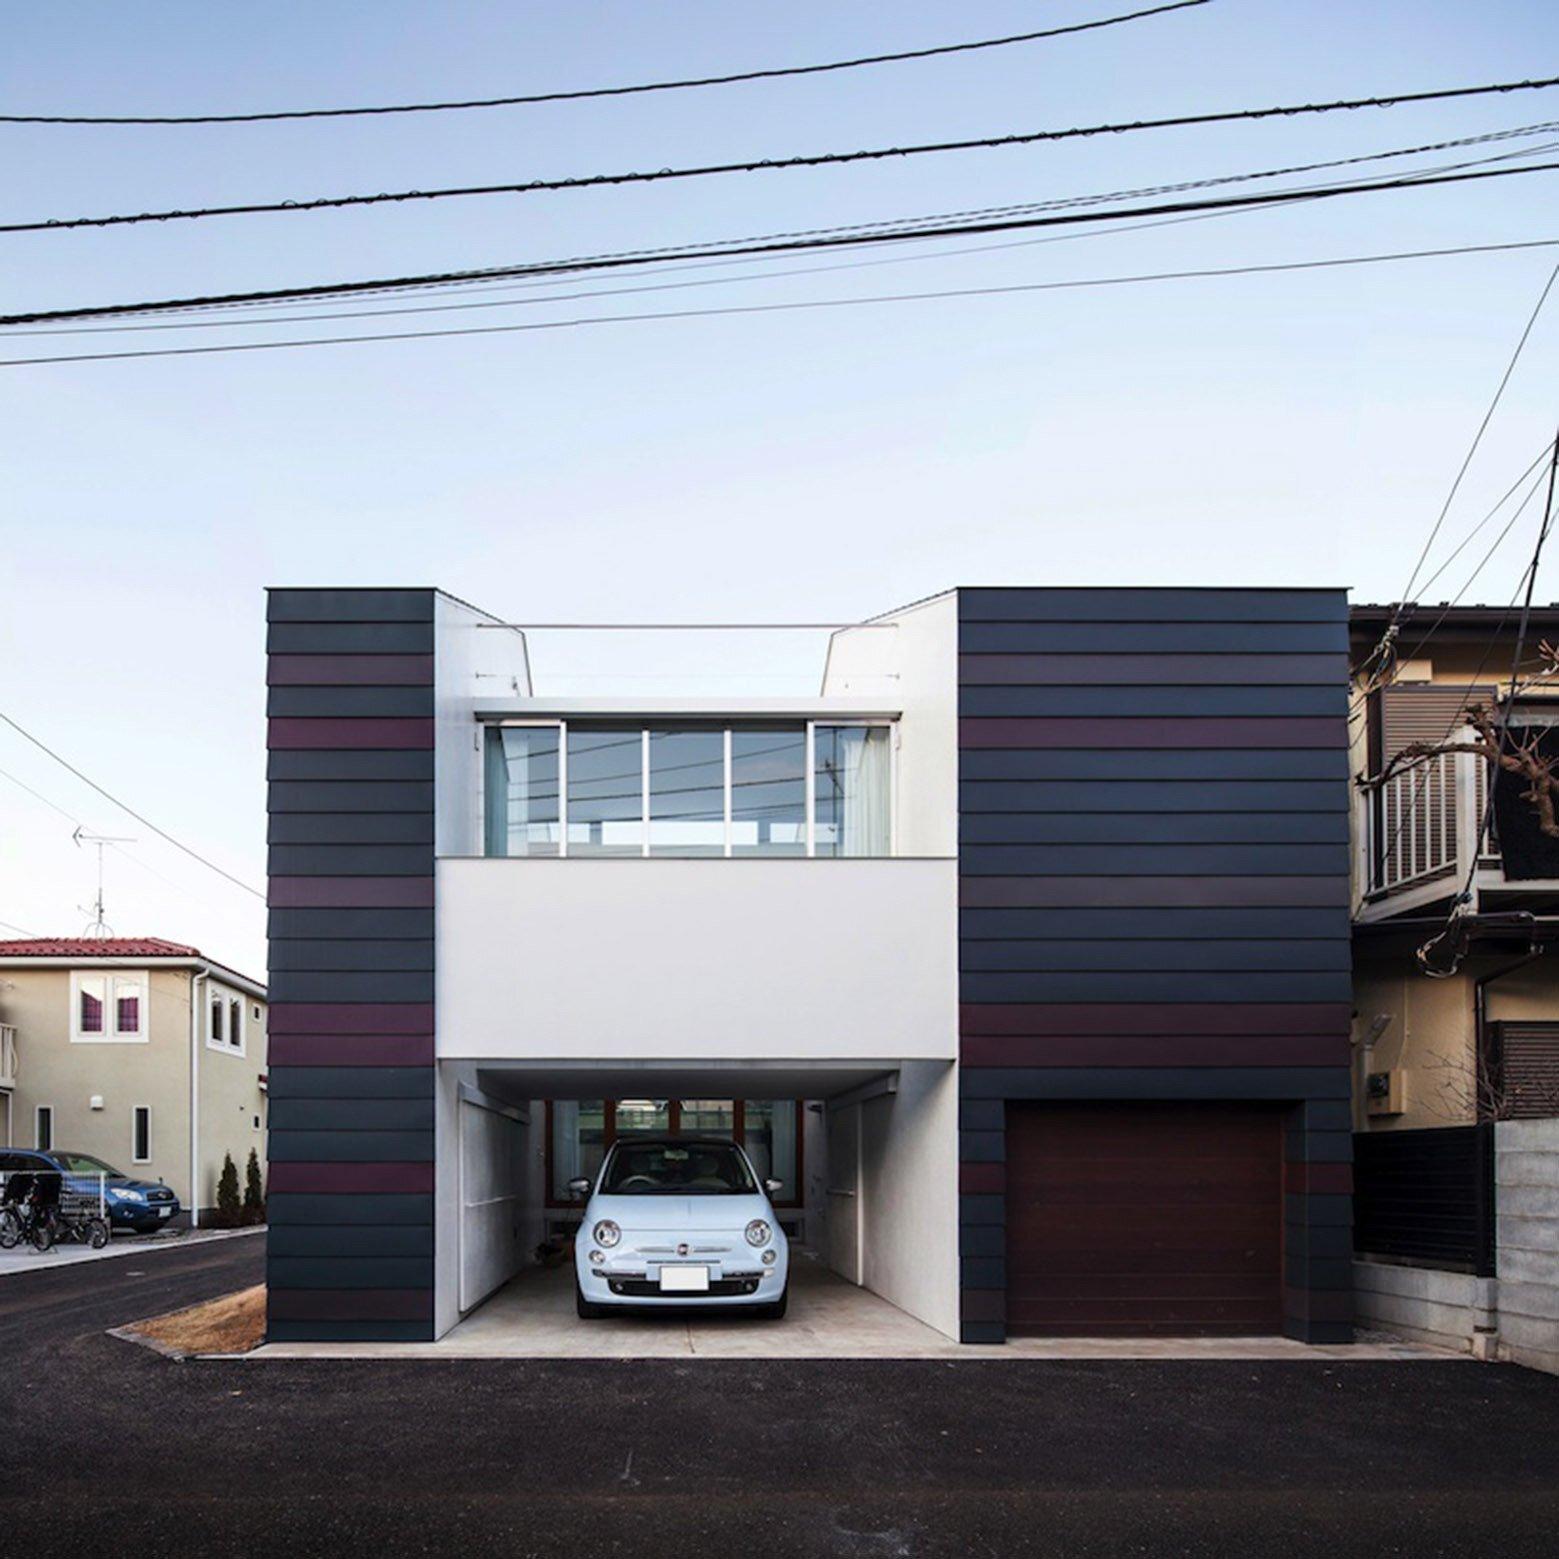 SEPA - Small House -S Shintaro Matsushita + Takashi Suzuk - Japan - Exterior - Humble Homes